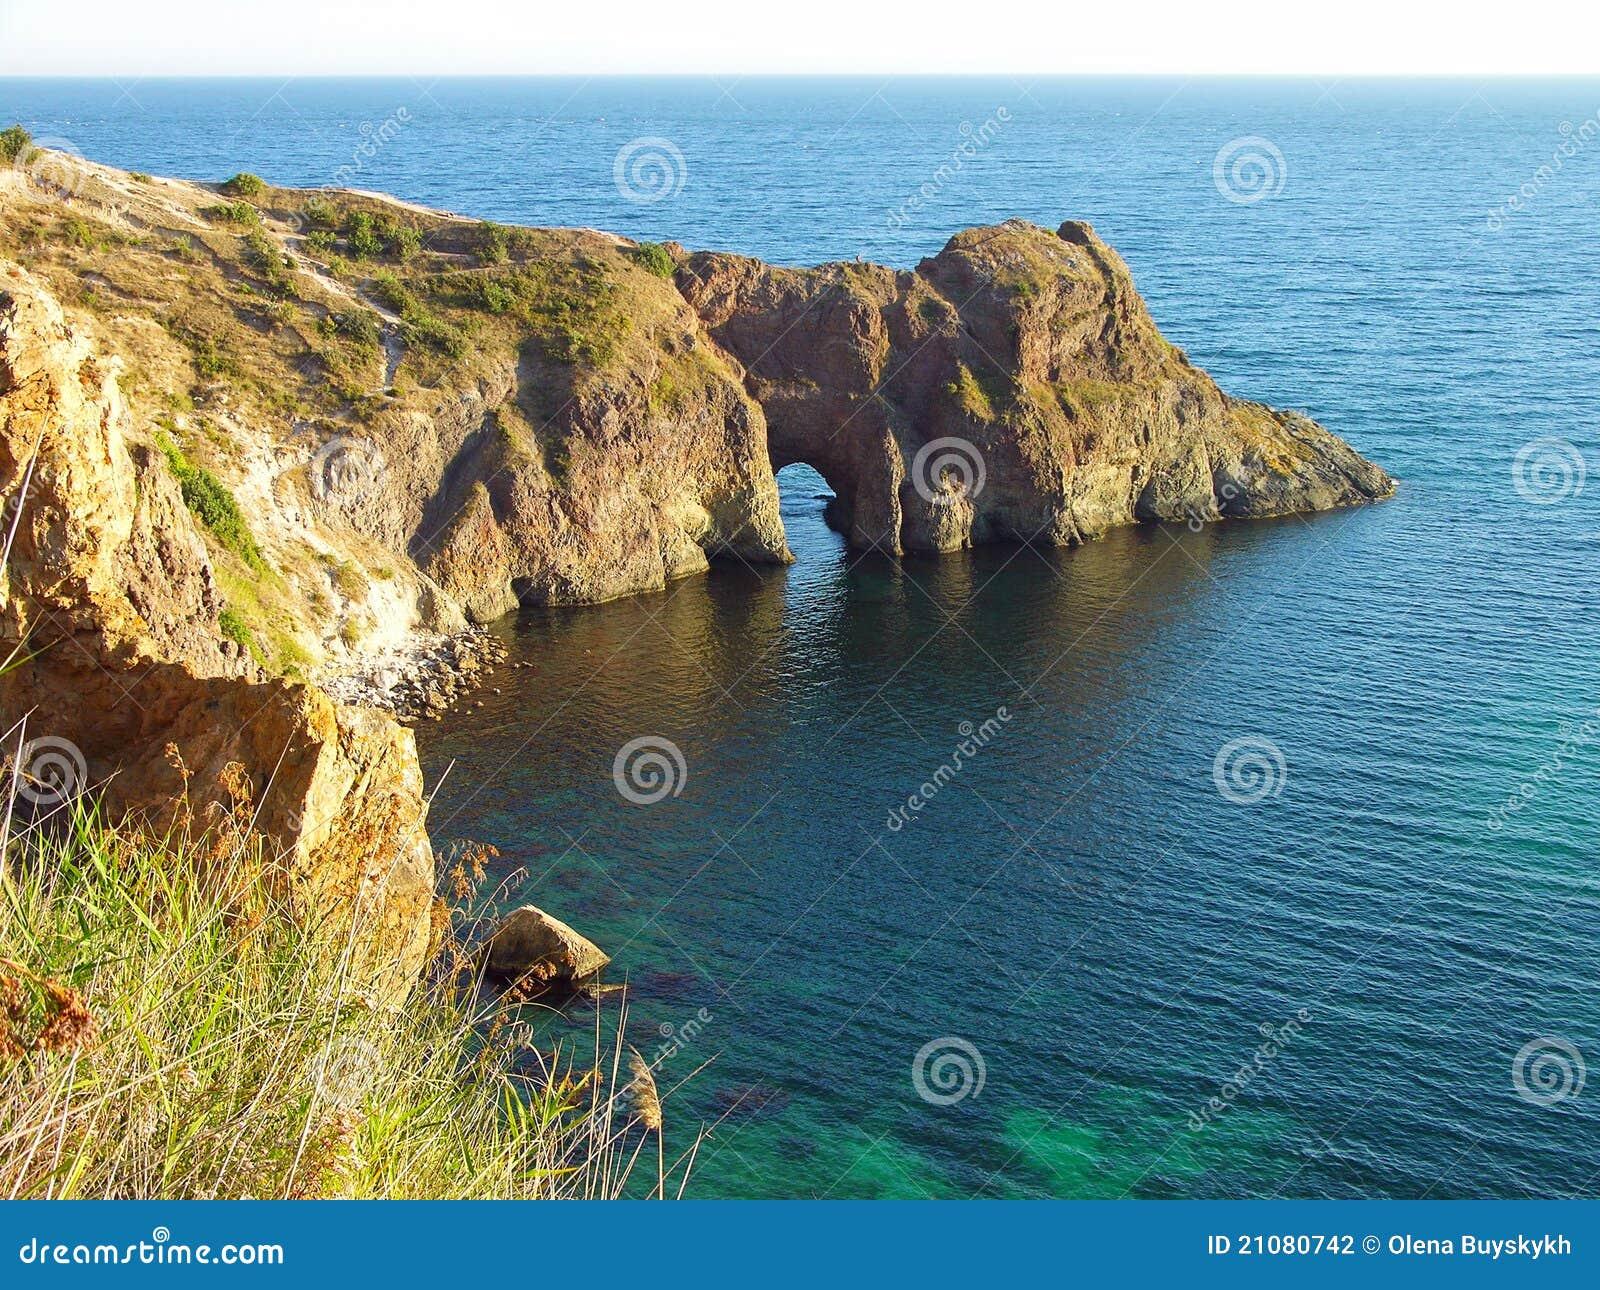 Diana-Grotte im Schwarzen Meer, Ukraine